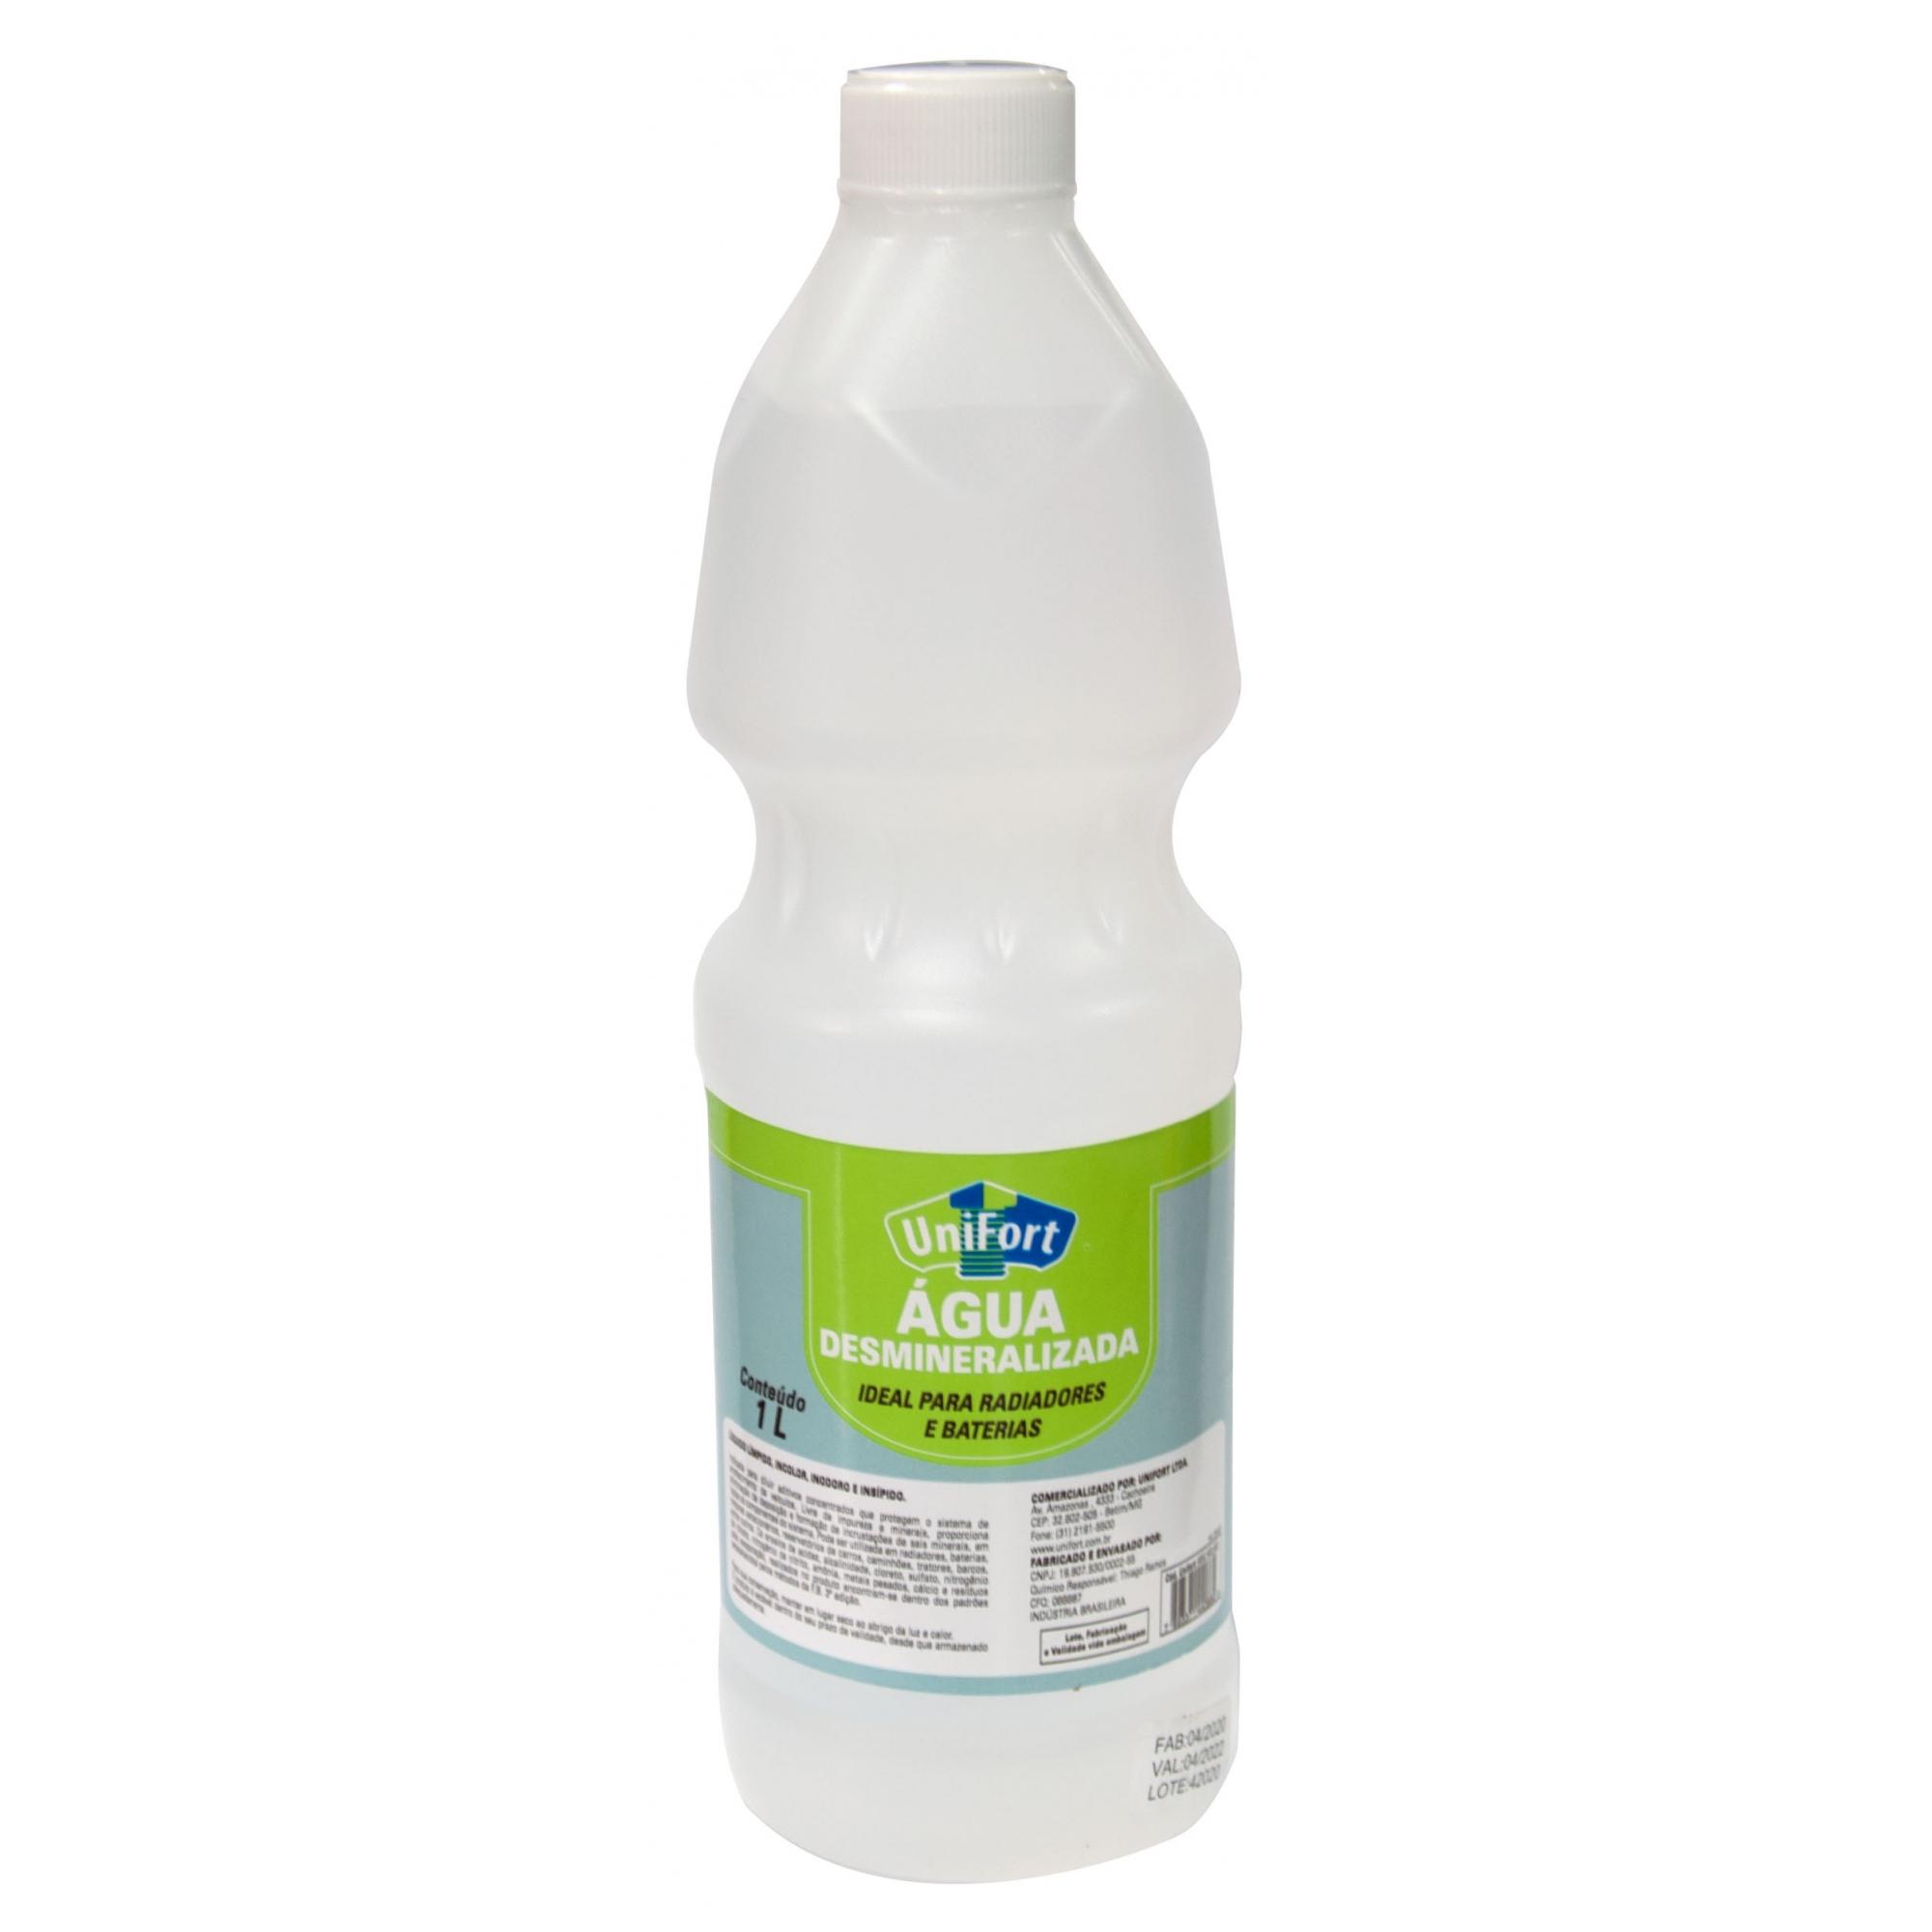 Água Desmineralizada Para Radiadores E Baterias 1 Litro Unifort